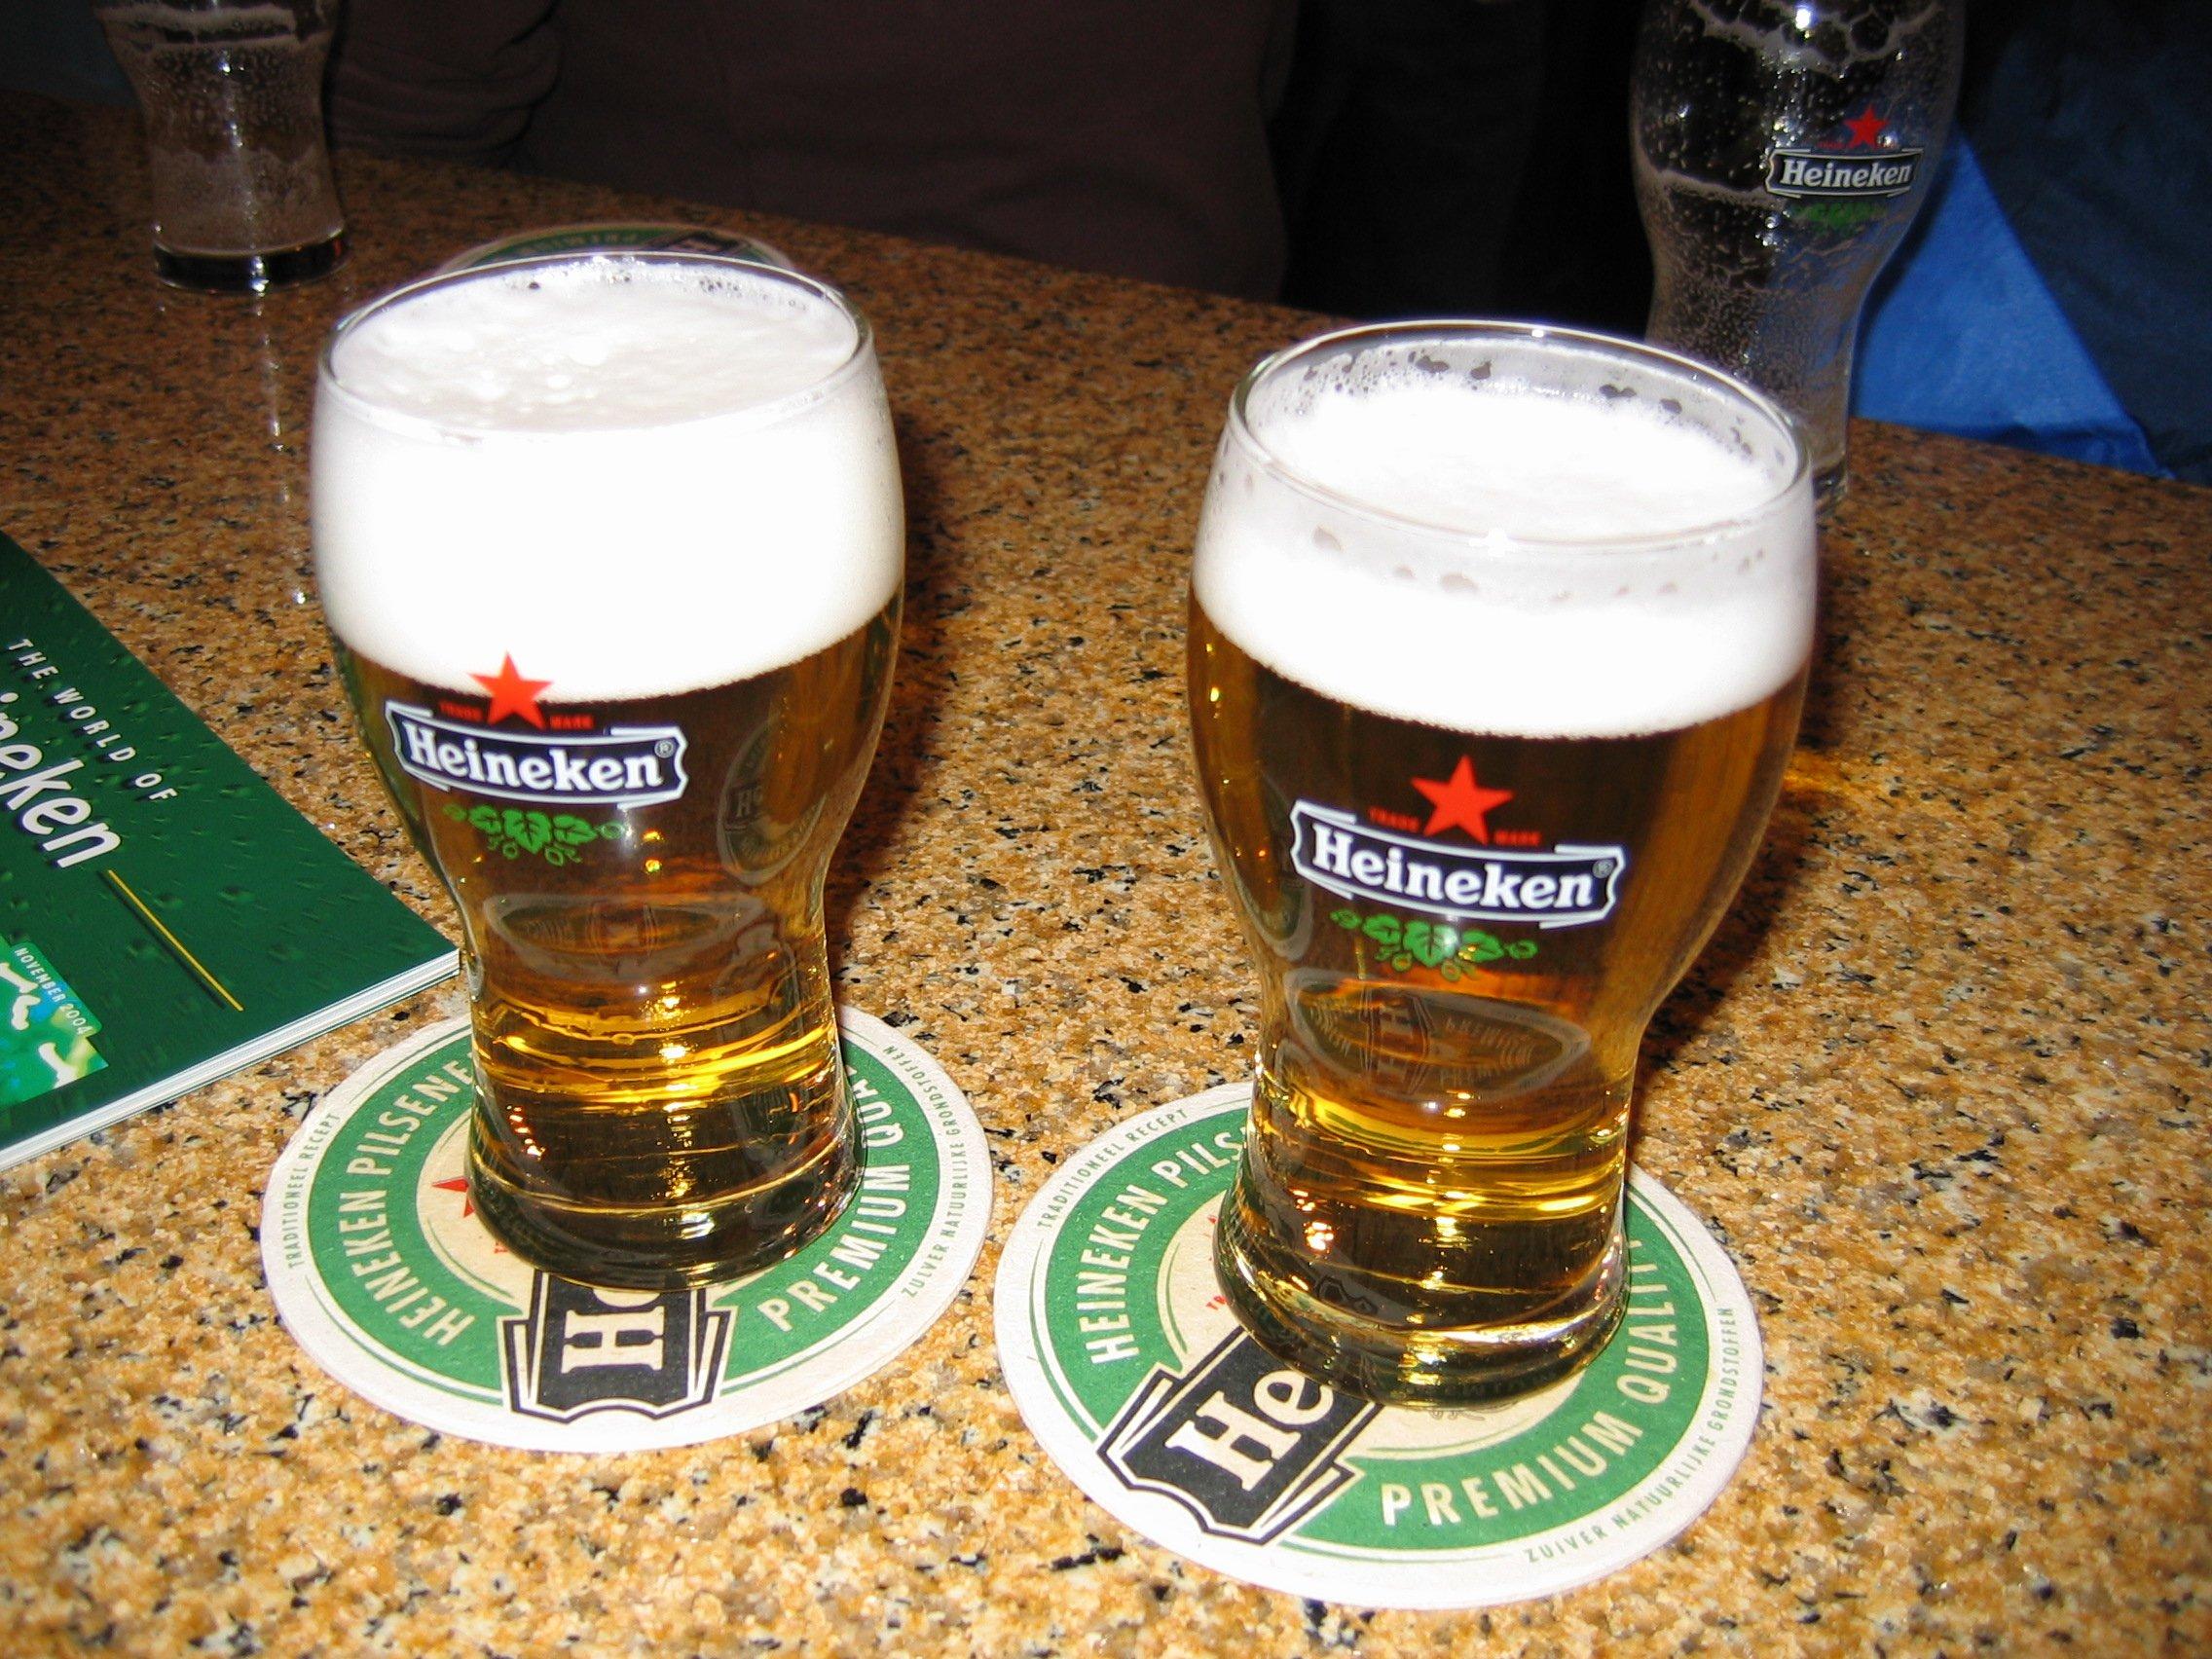 Two_glasses_of_Heineken_Pilsener